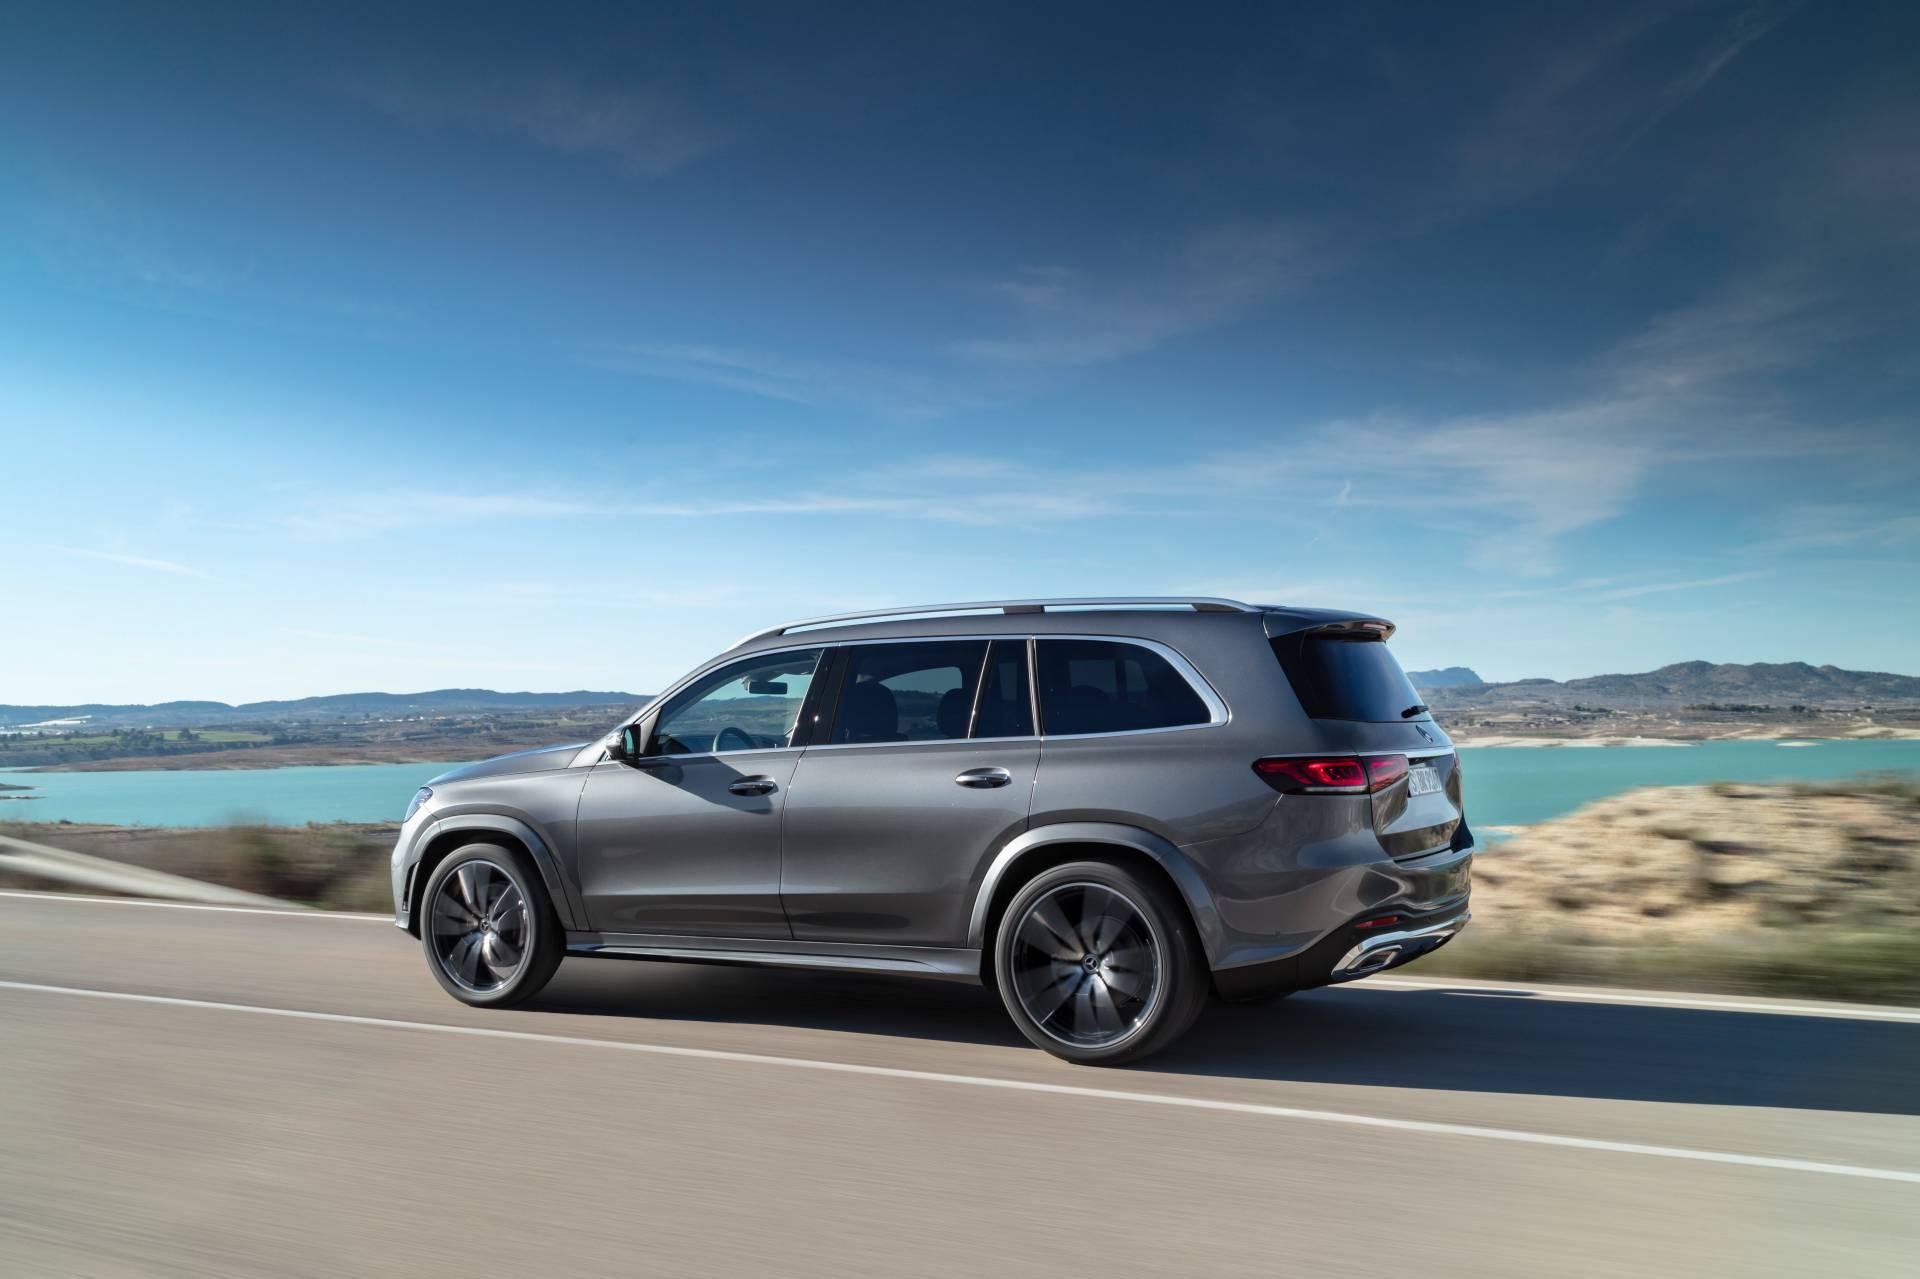 2020 Mercedes-Benz GLS side-view